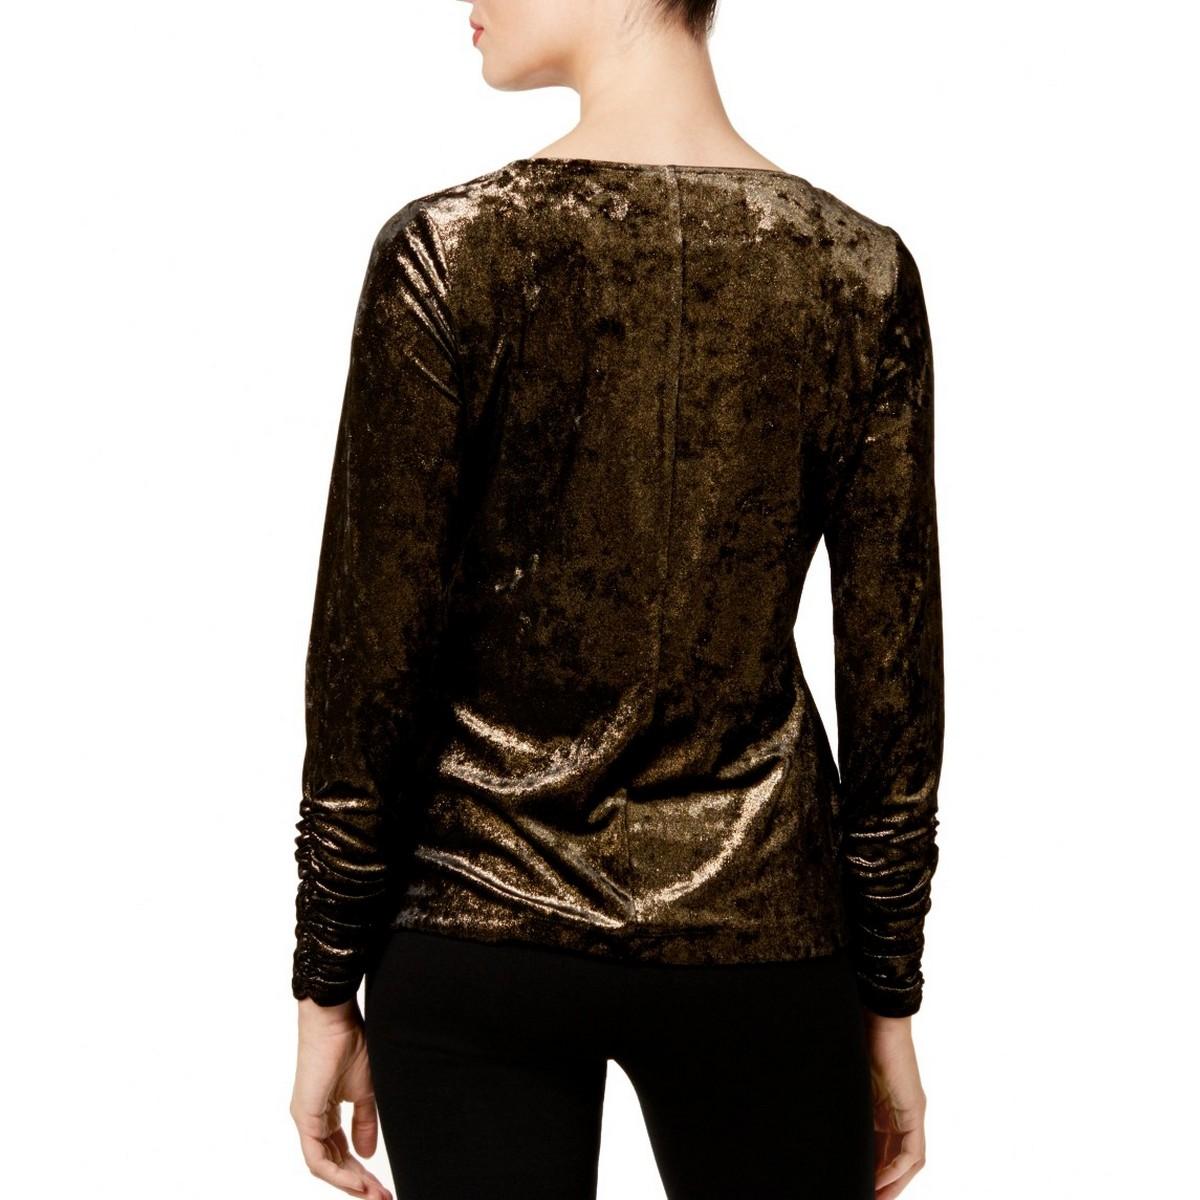 VINCE-CAMUTO-NEW-Women-039-s-Velvet-Metallic-Blouse-Shirt-Top-TEDO thumbnail 4